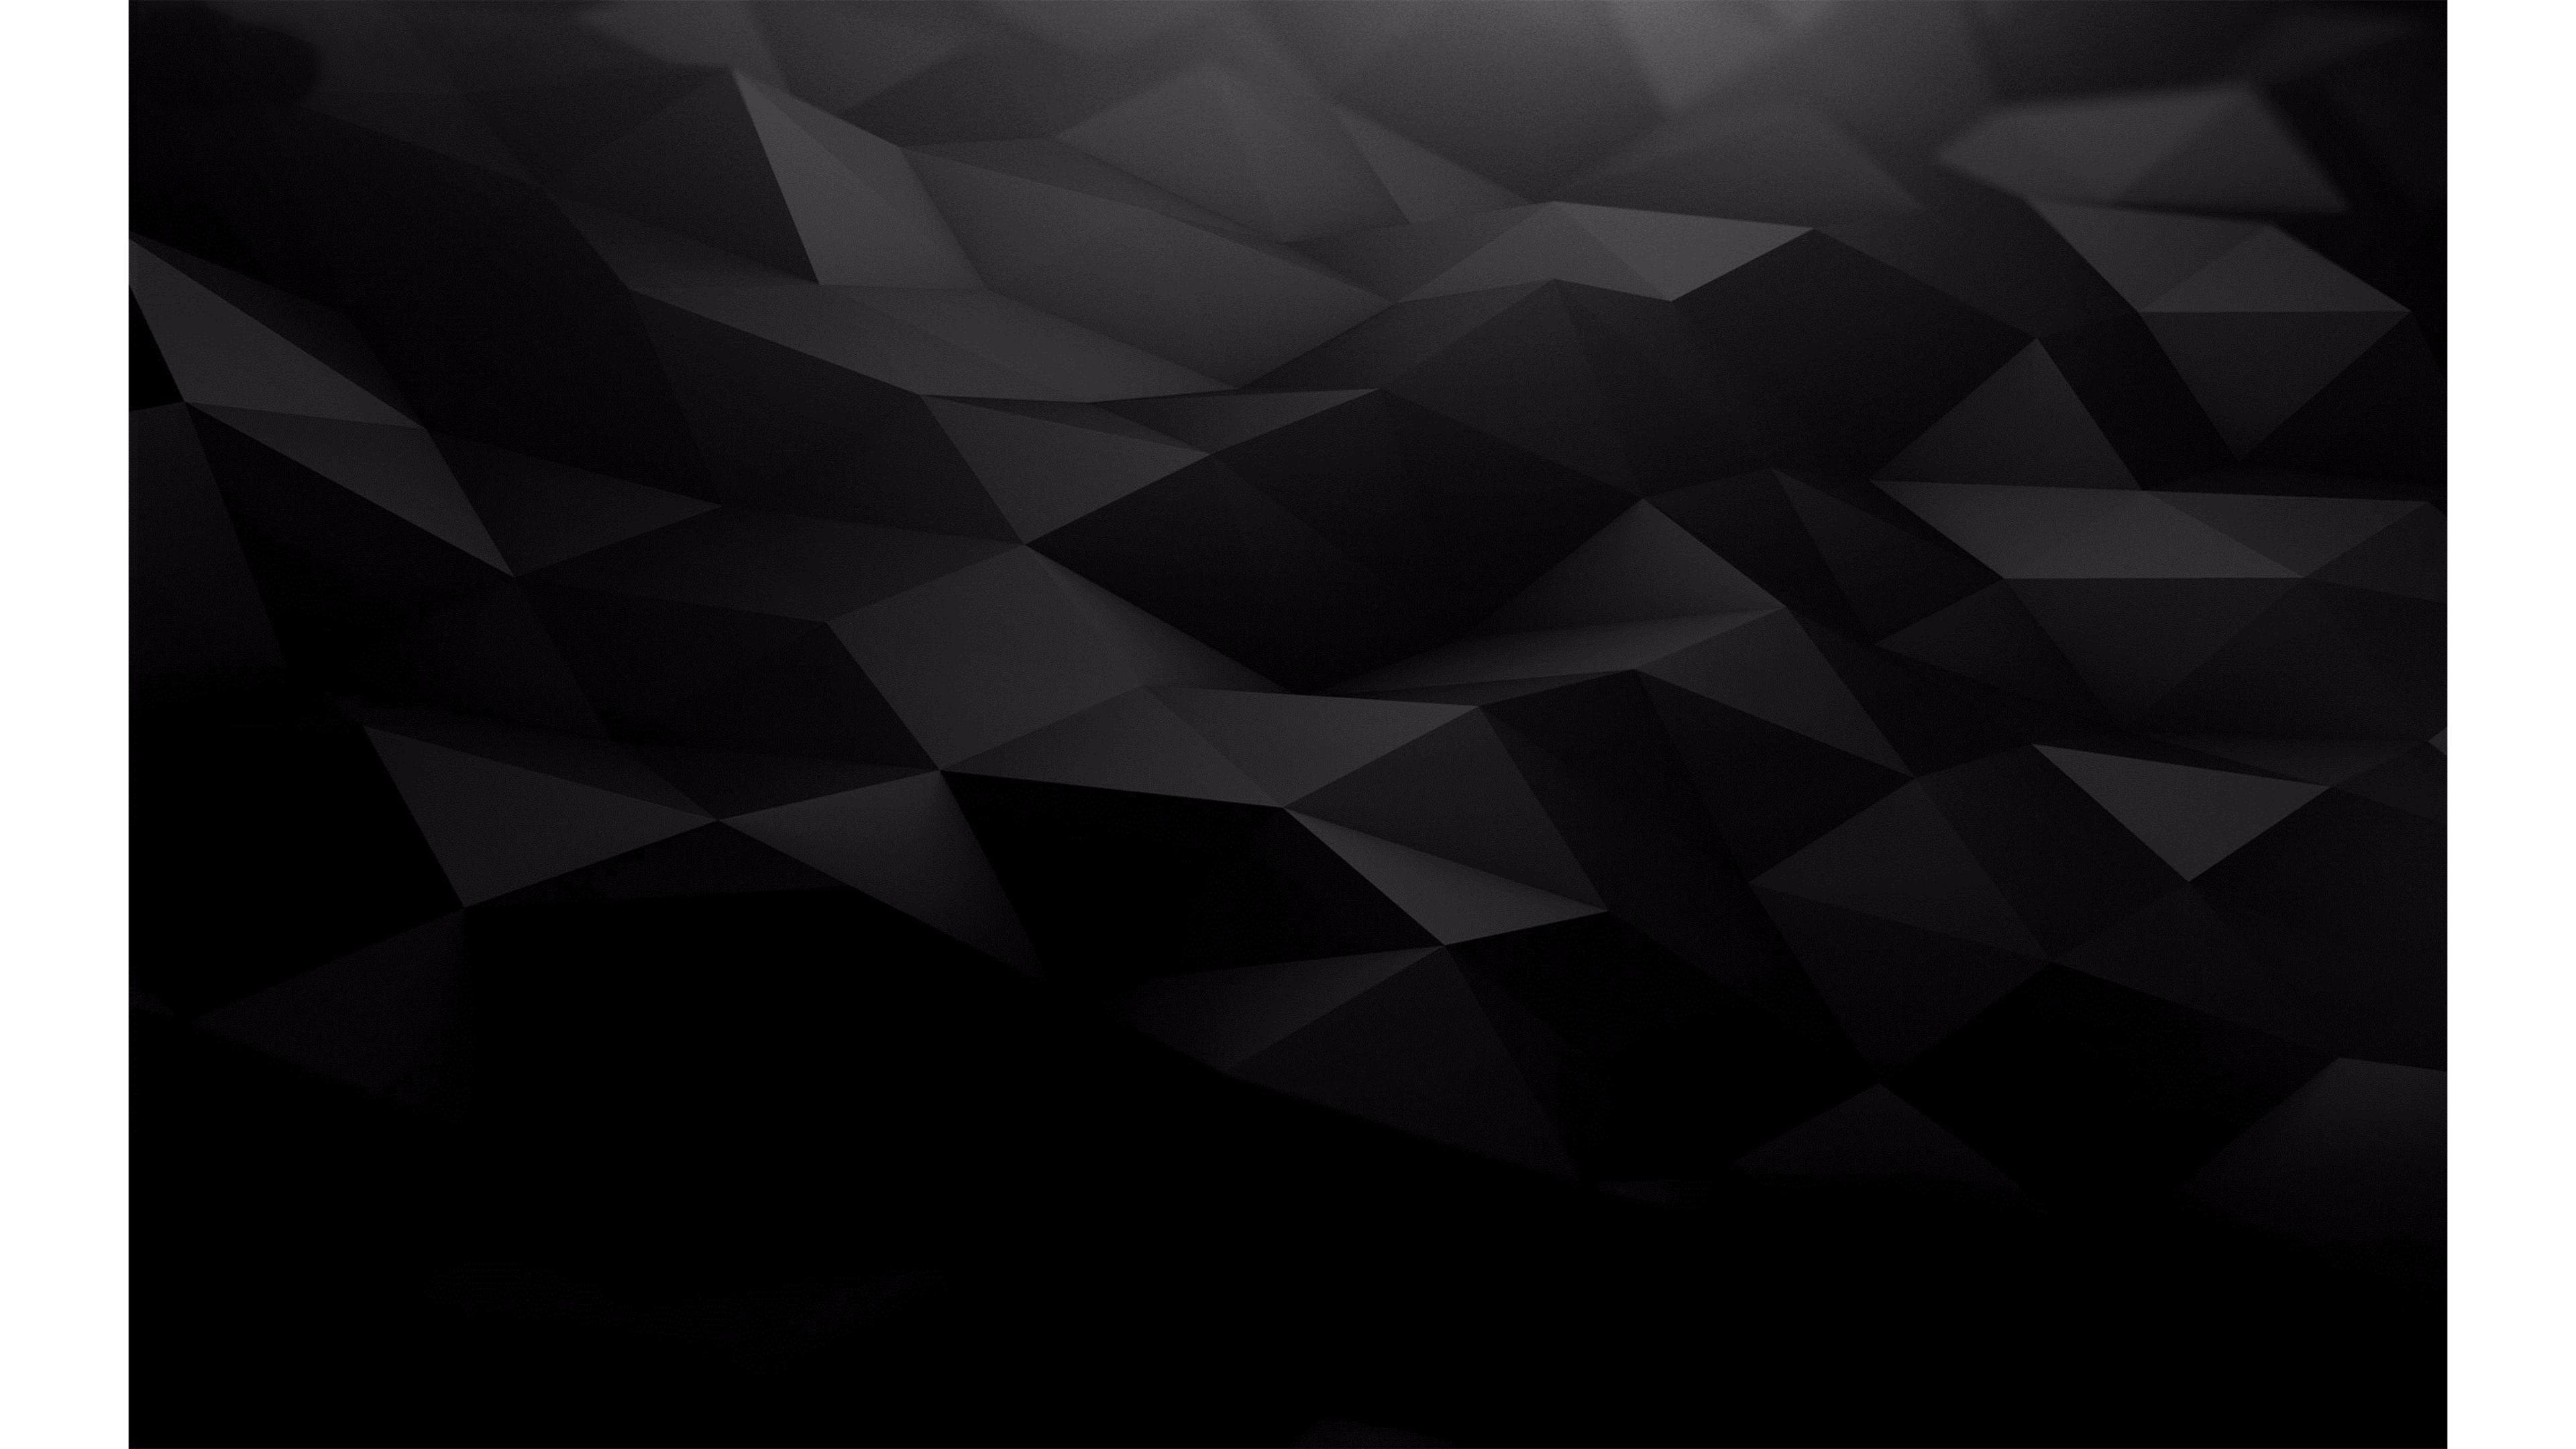 … 4k wallpaper phone black image gallery hcpr …